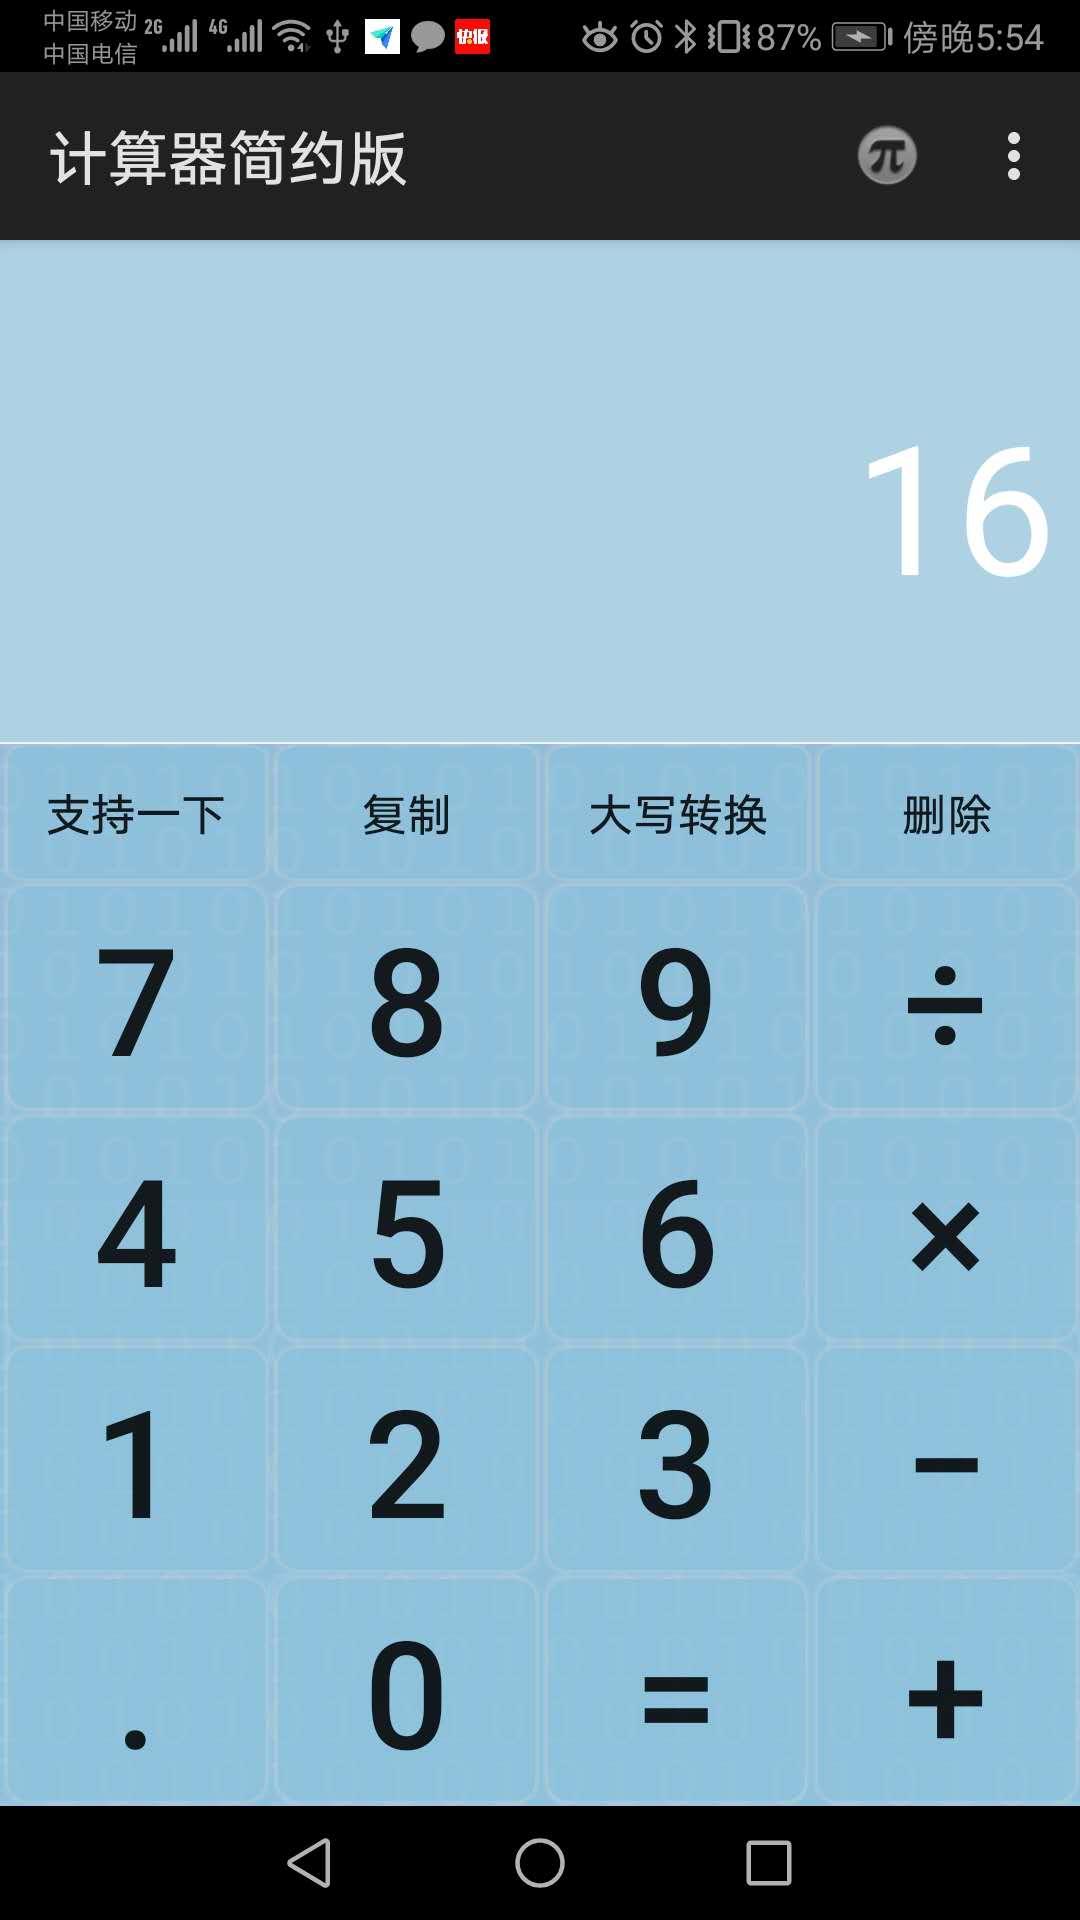 计算器简约版APP V1.3.2 安卓版截图4